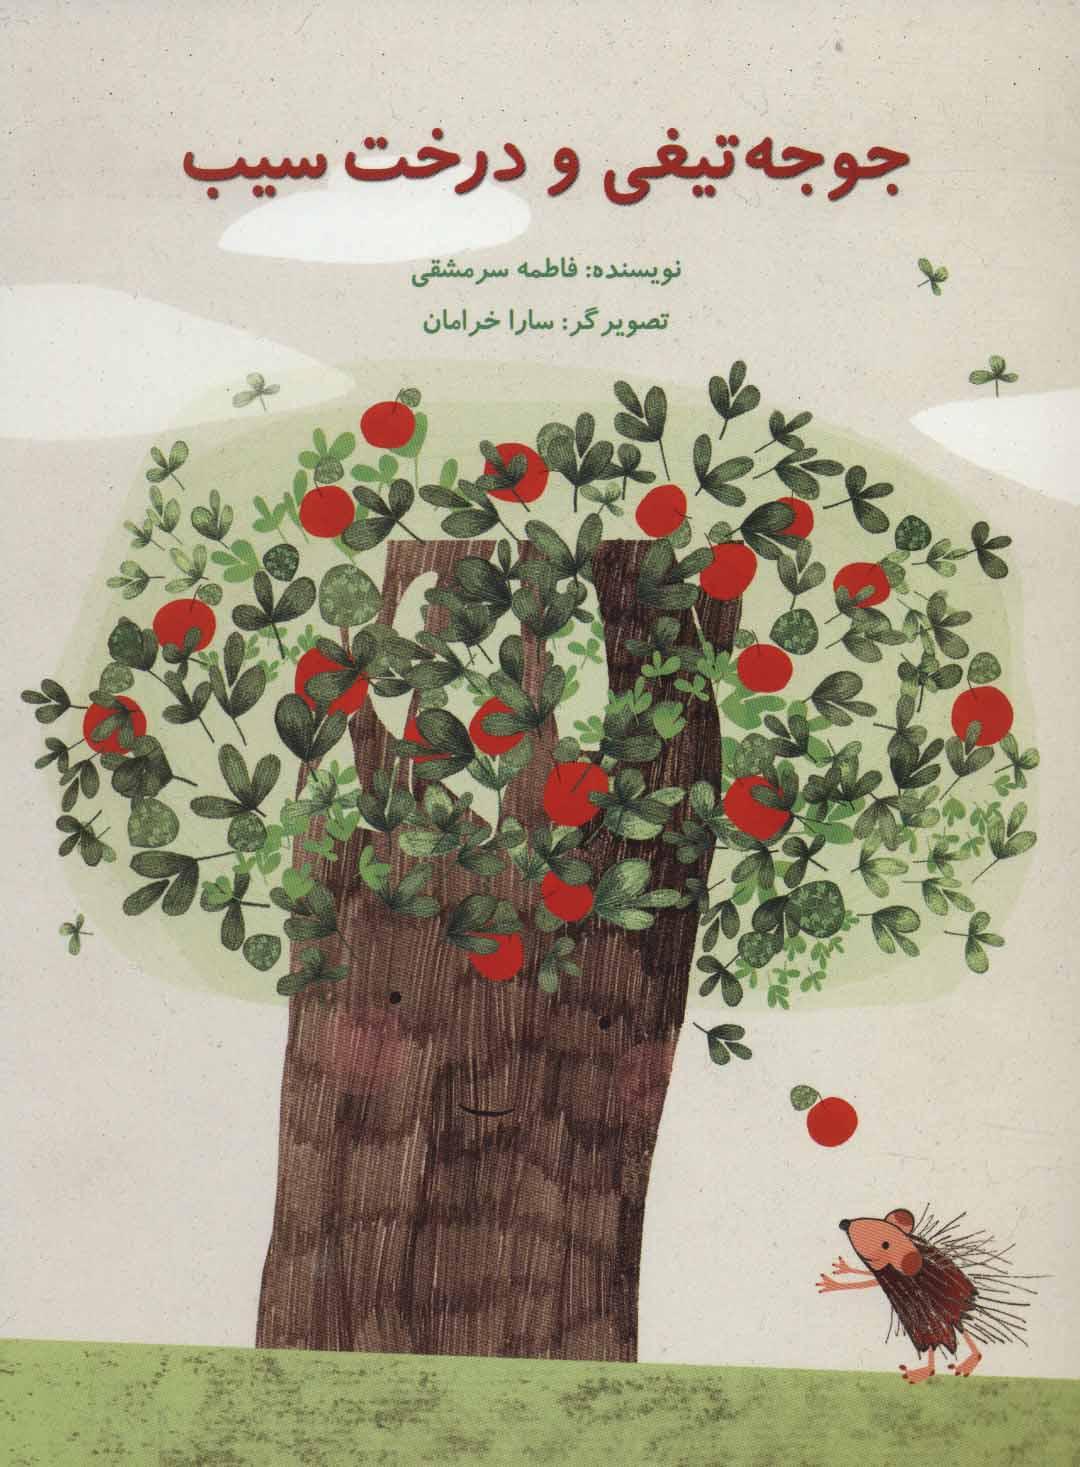 جوجه تیغی و درخت سیب (گلاسه)